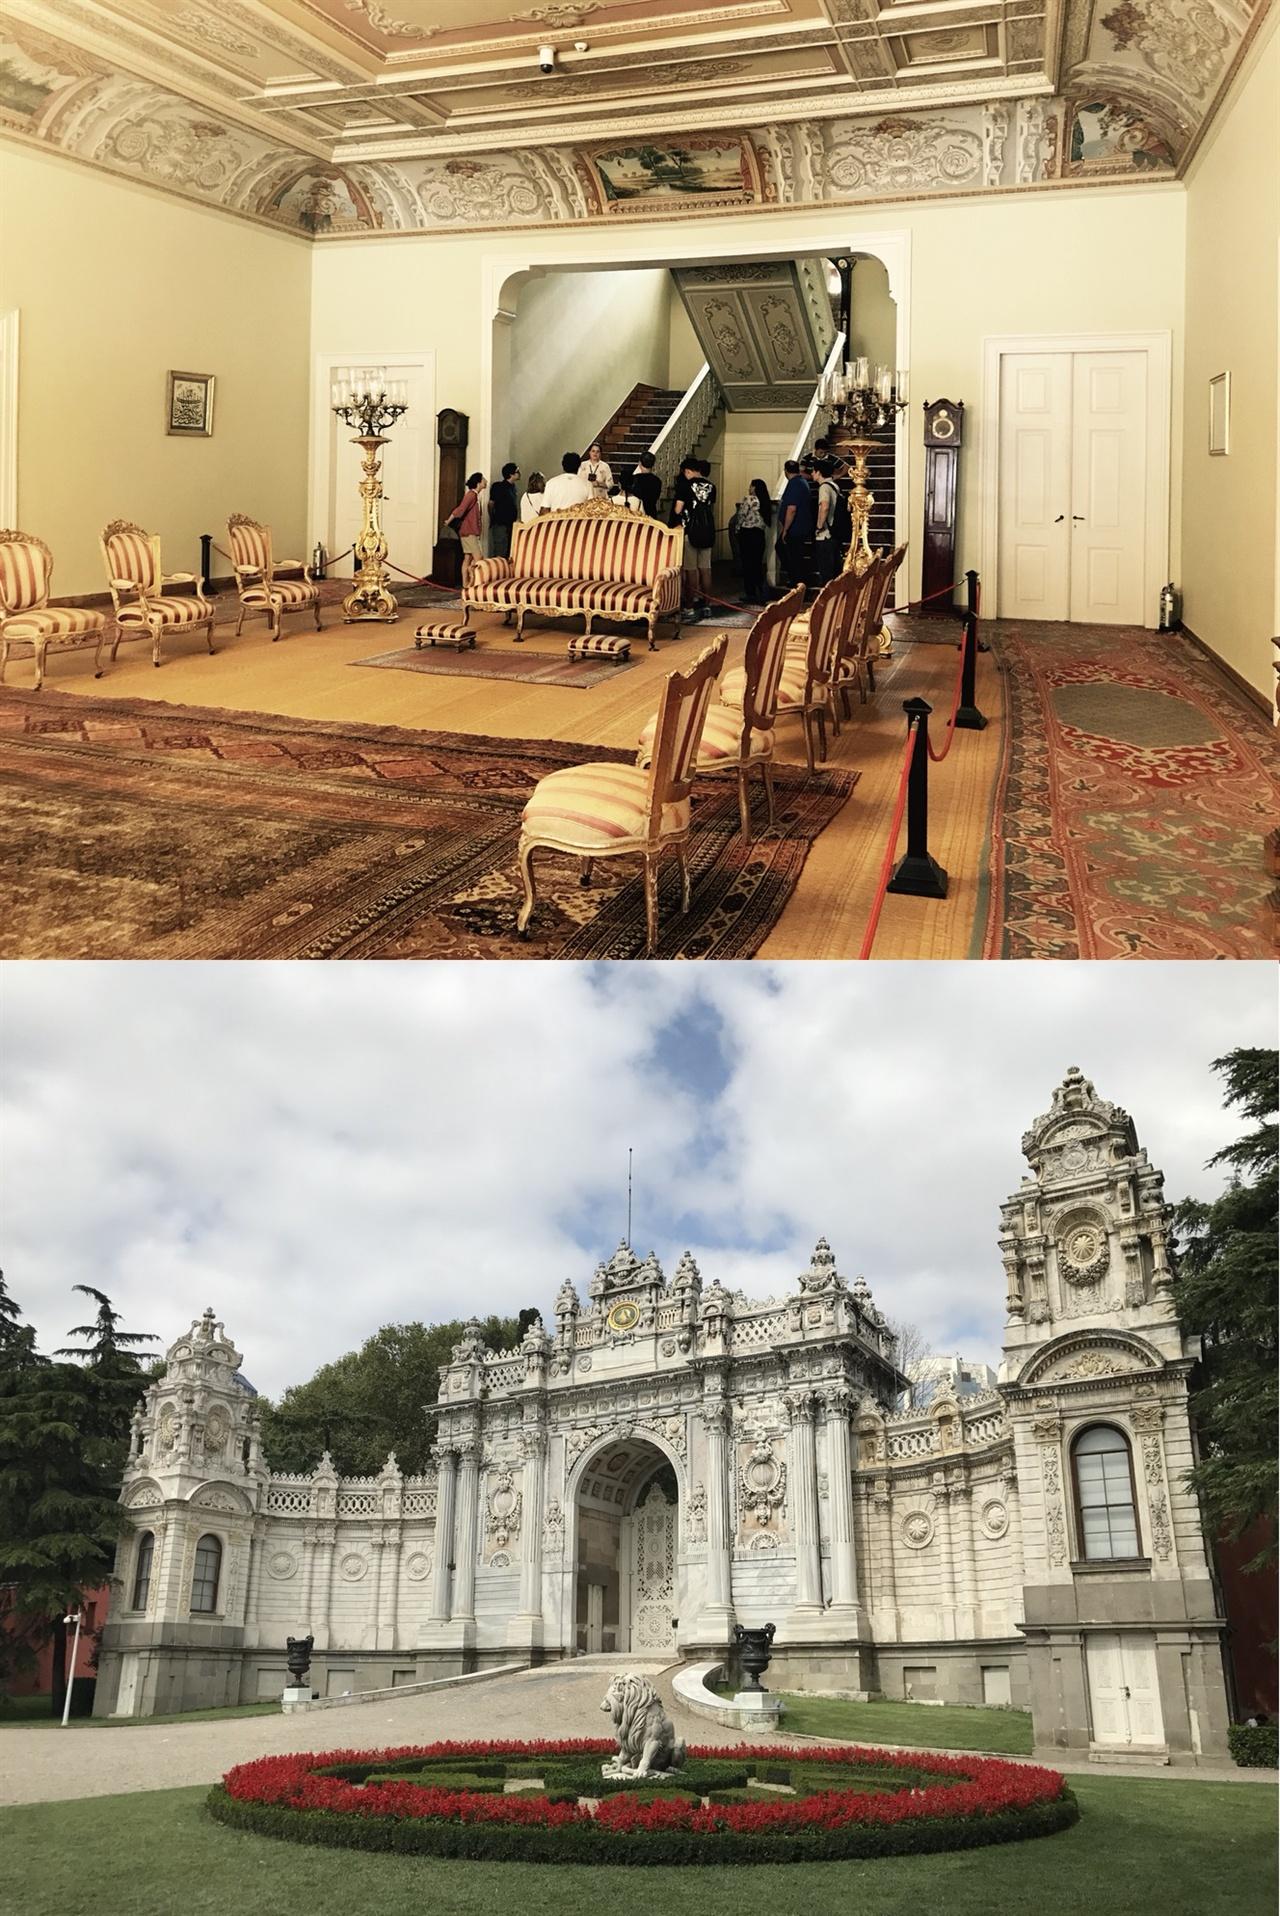 돌마바흐체 궁전 내부